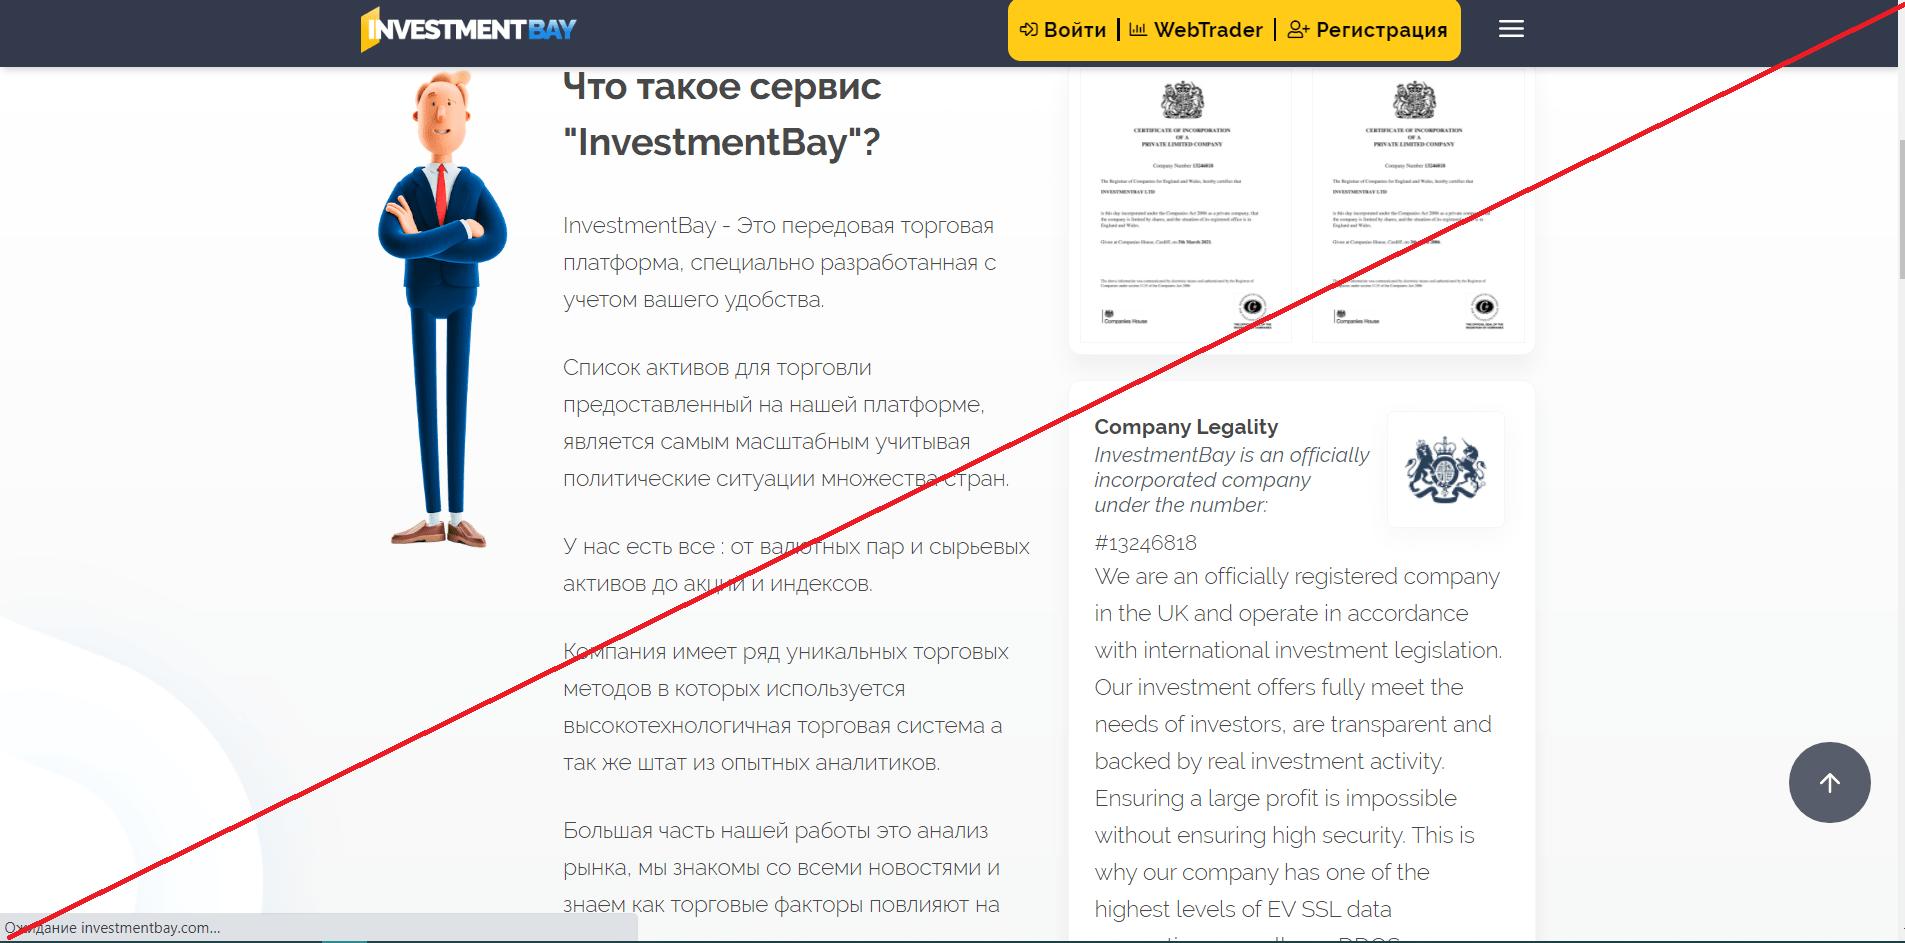 InvestmentBay - Отзывы